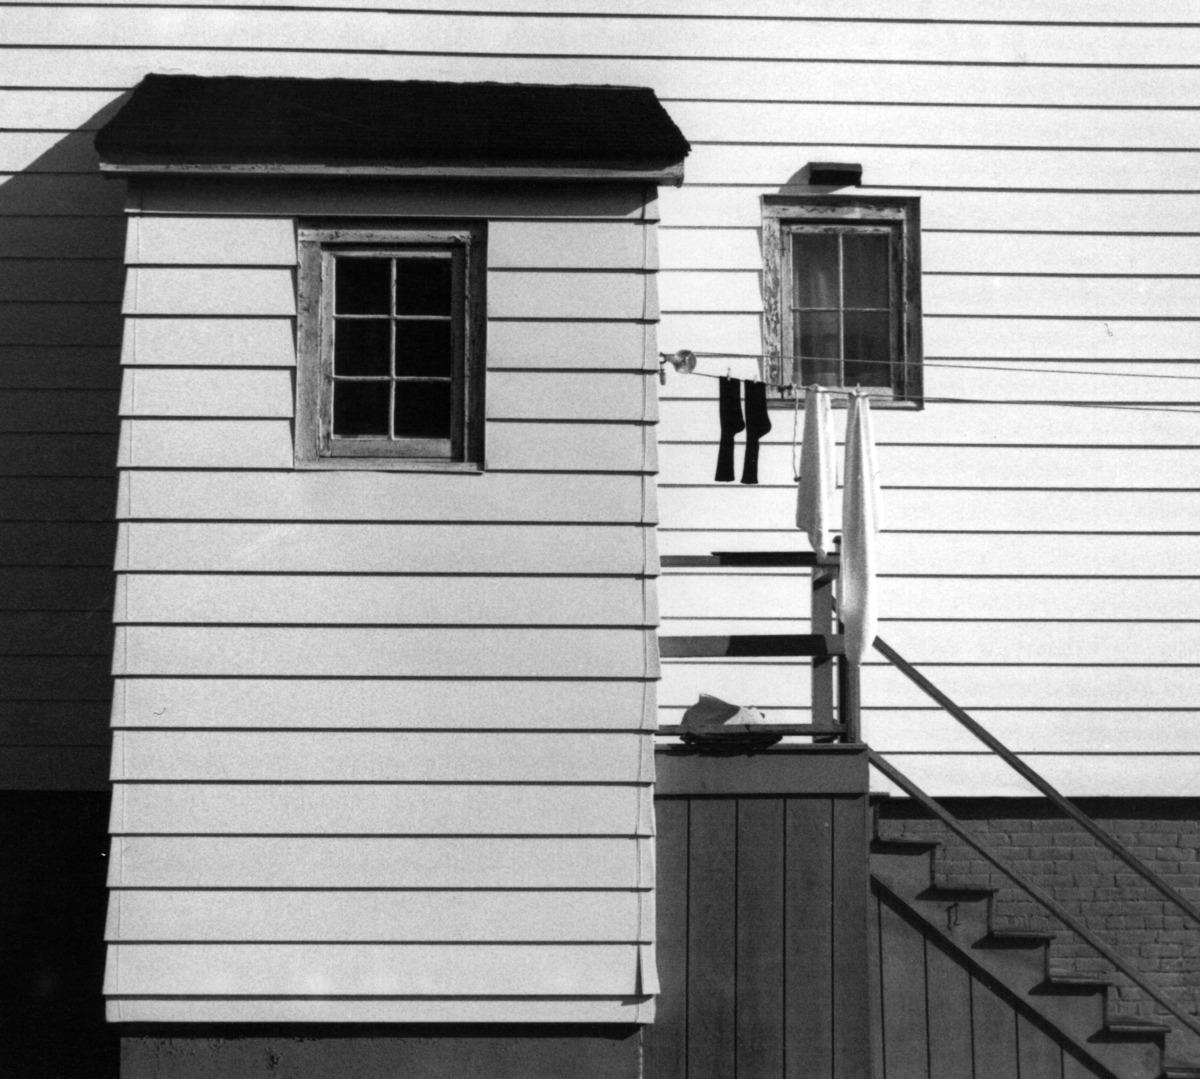 Black Socks, Tarrytown N.Y. (large view)